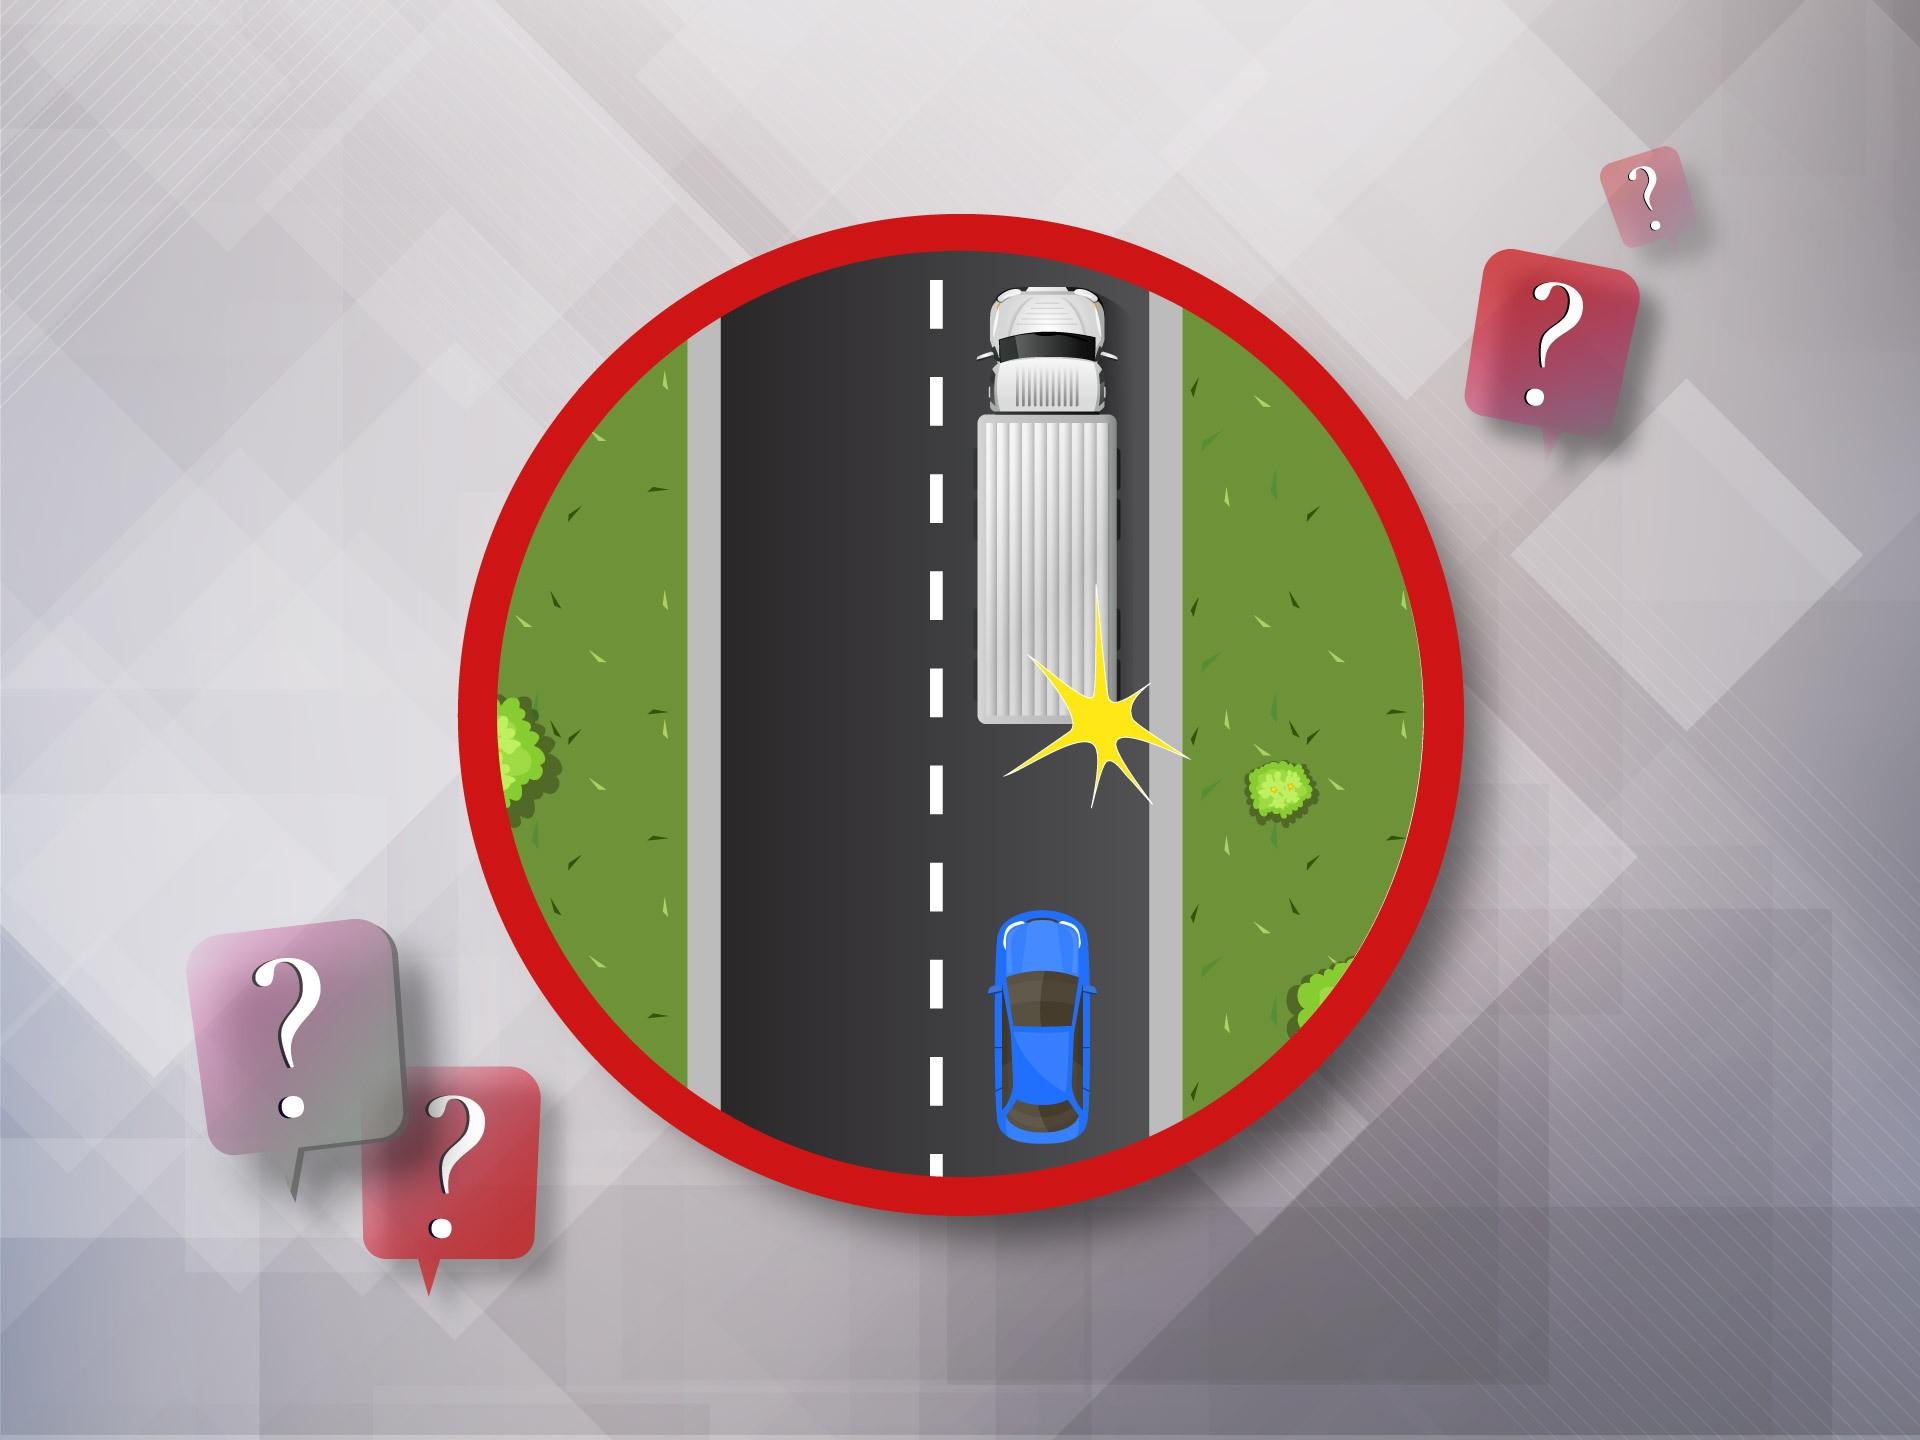 Условные сигналы на дороге: официальные и неофициальные, известные и не очень